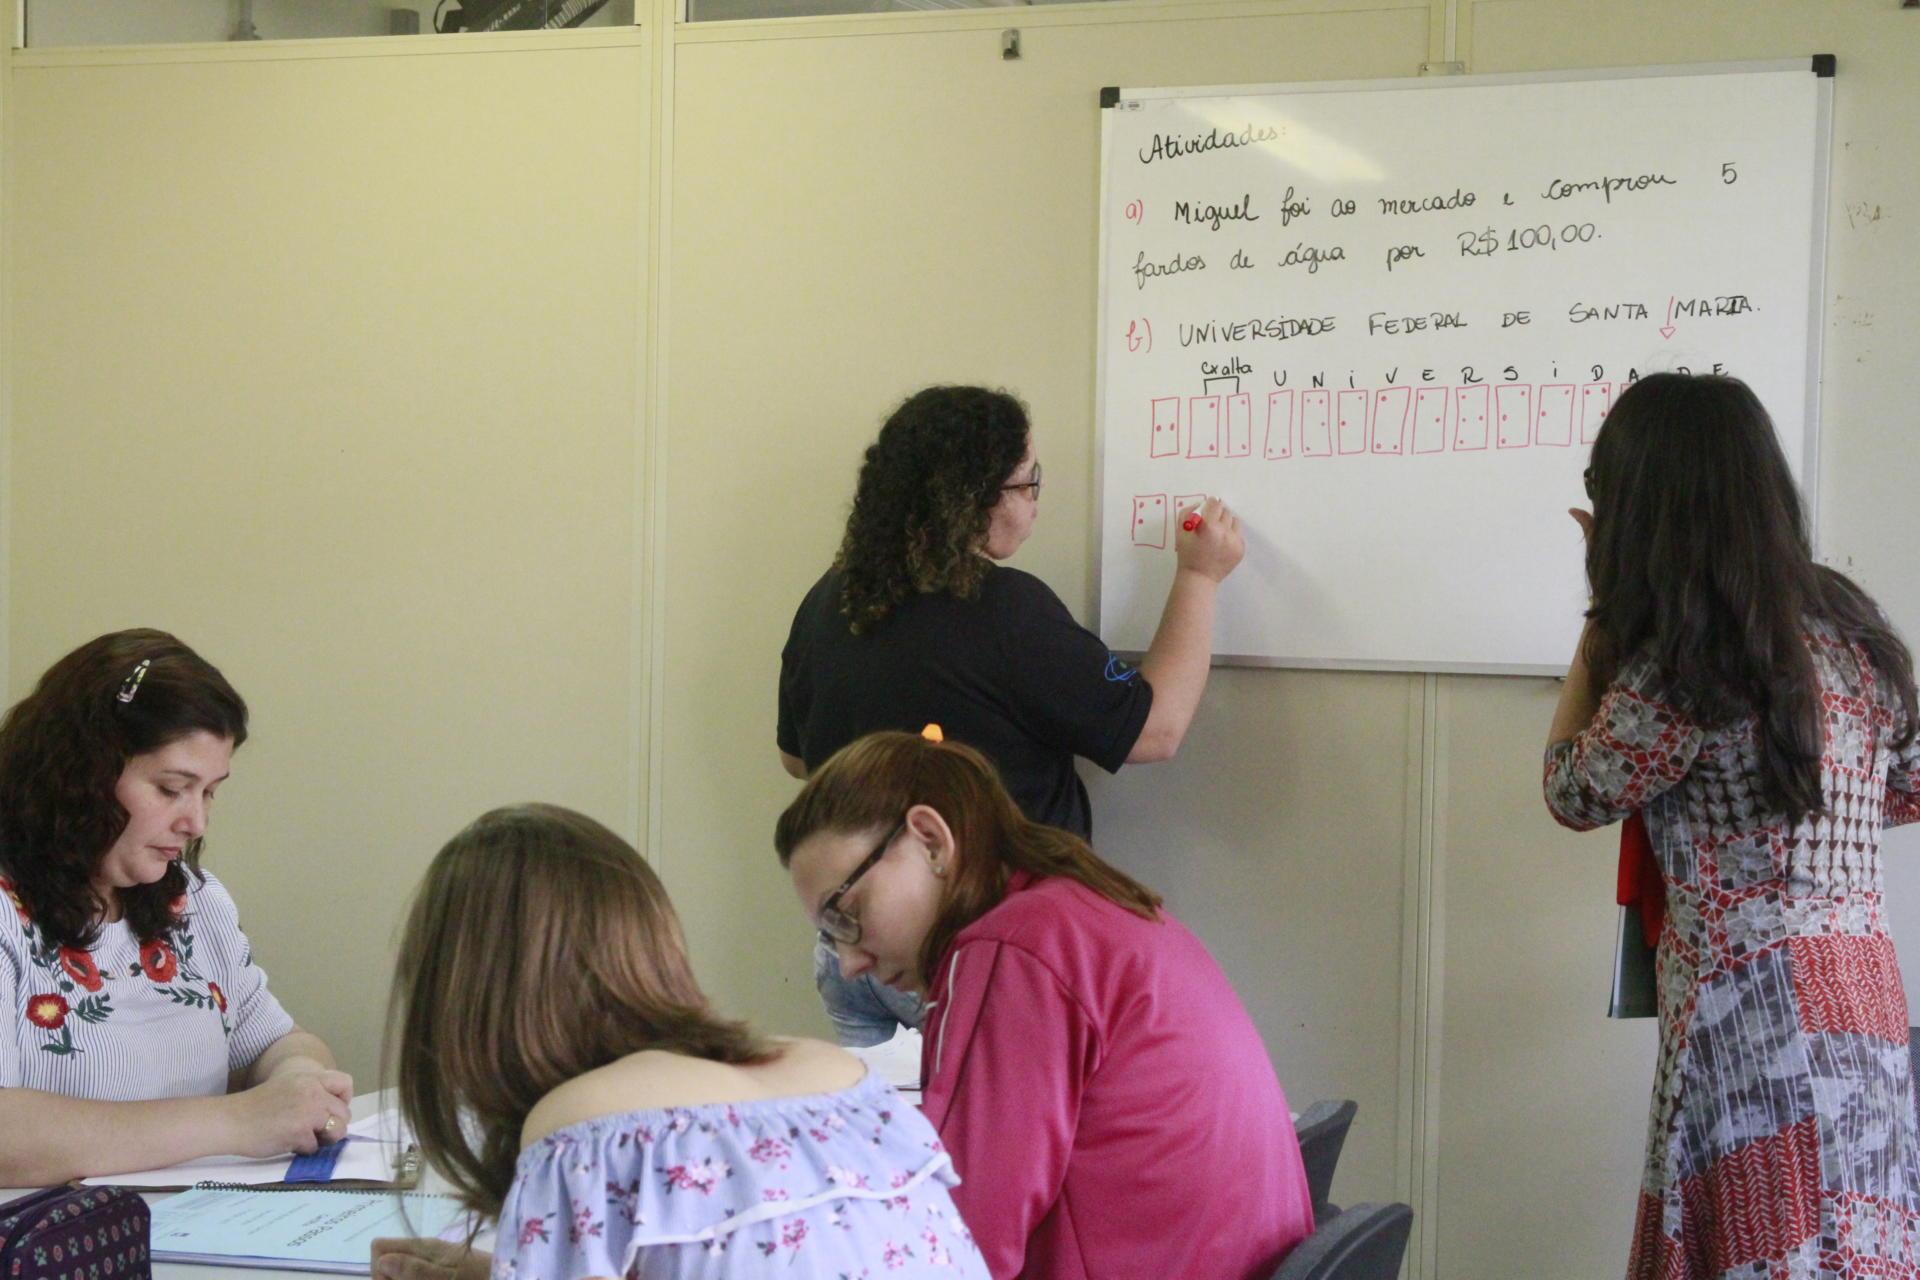 Foto colorida horizontal em que participantes do curso desenham símbolos de Braille em um quadro